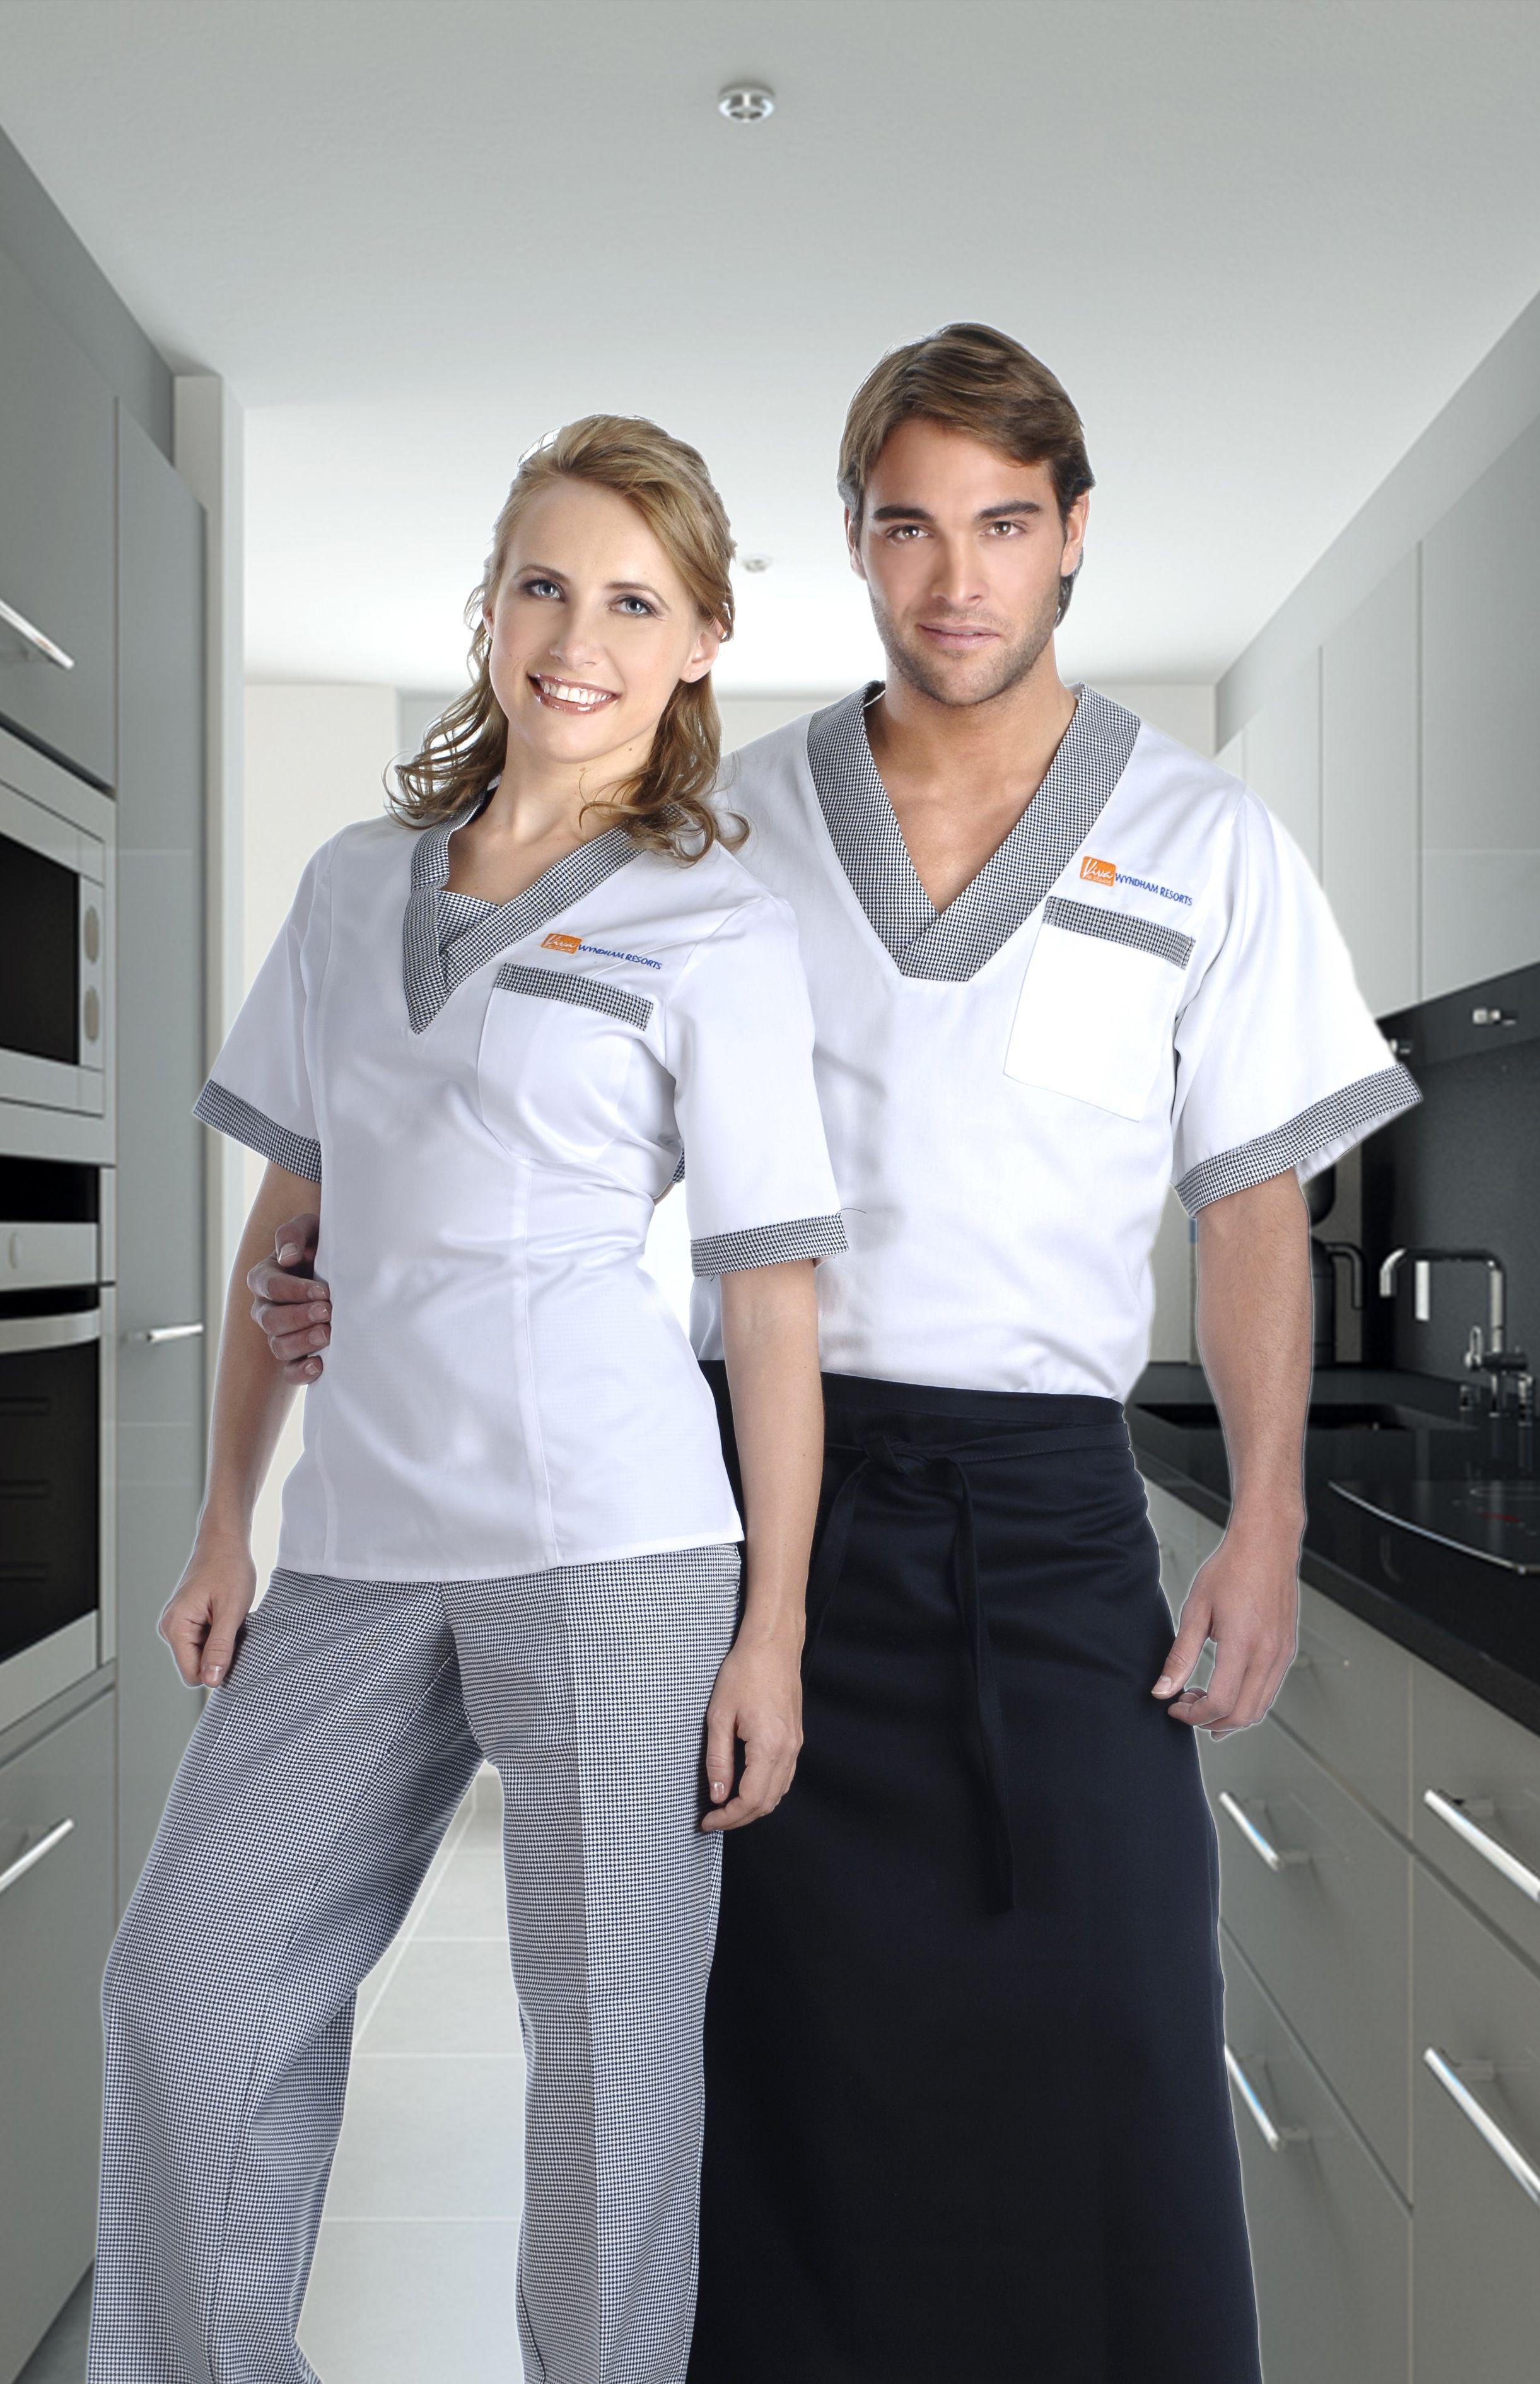 Uniformes mixtos para empleados de Hotel http://www.creacionesred ...